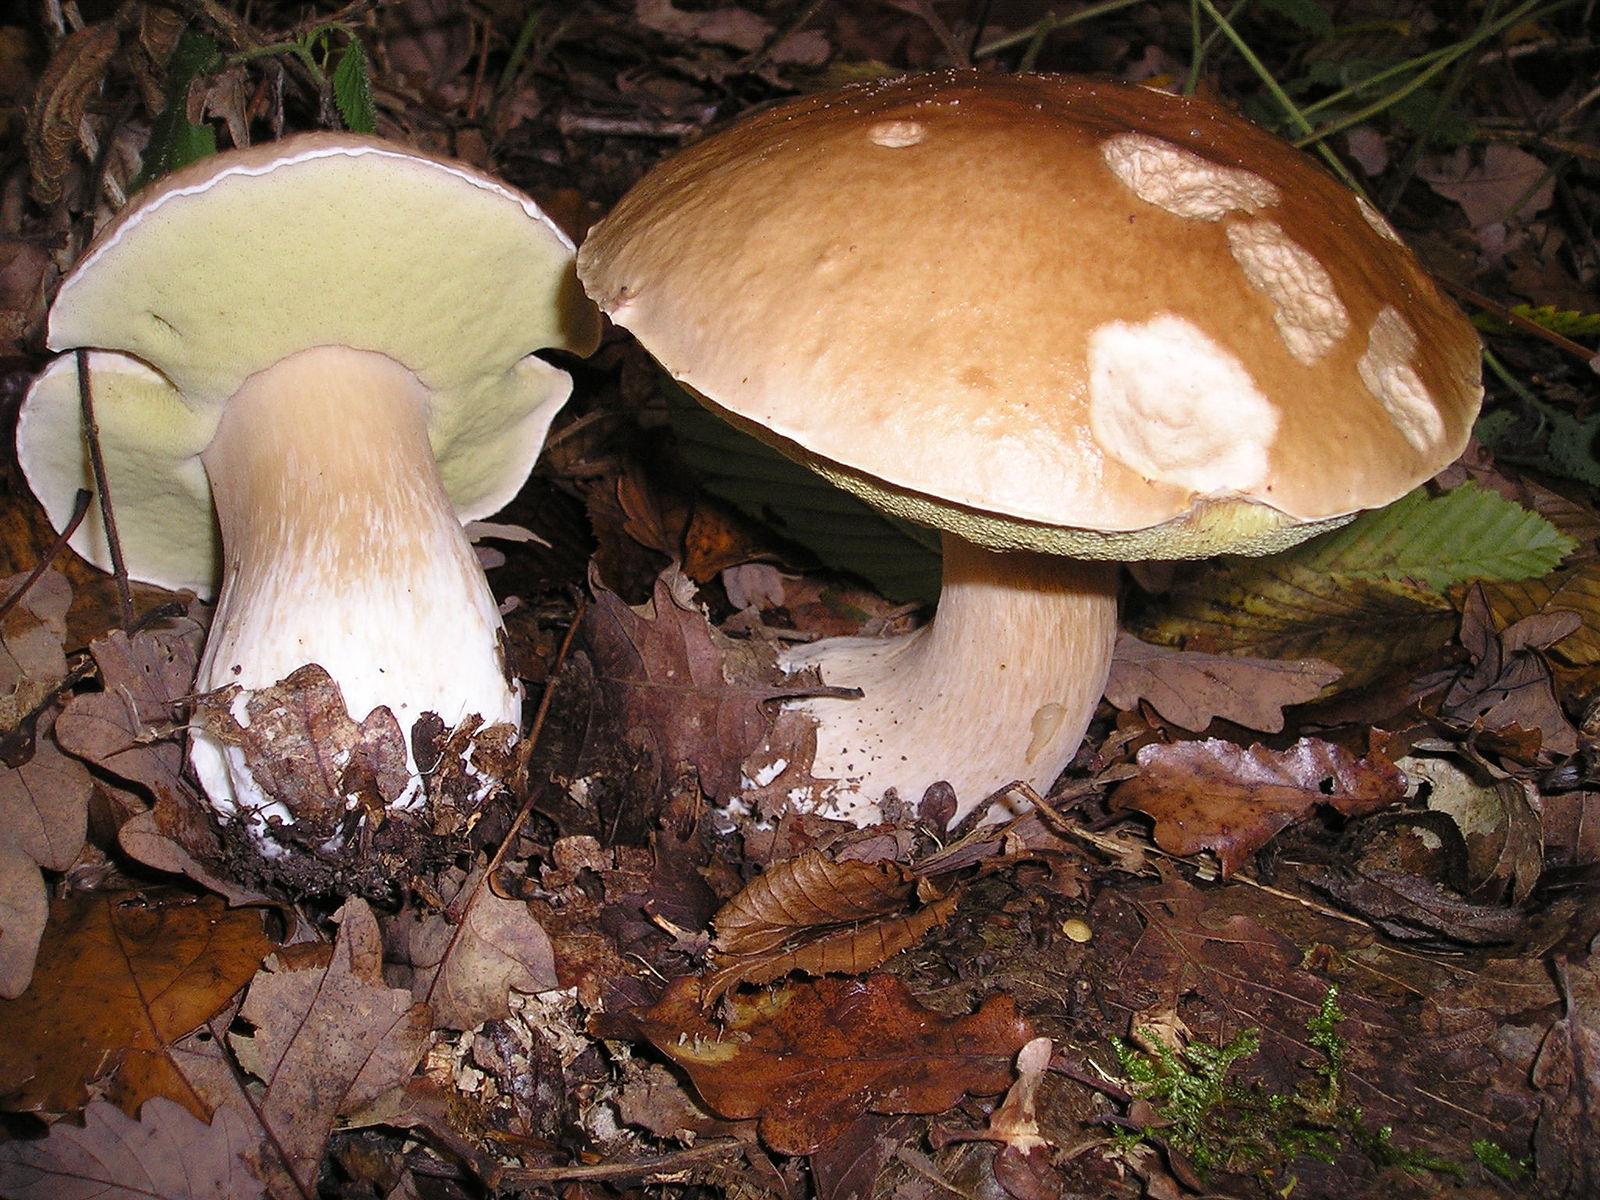 Les vertus médicinales des champignons dans le traitement et la prévention du cancer